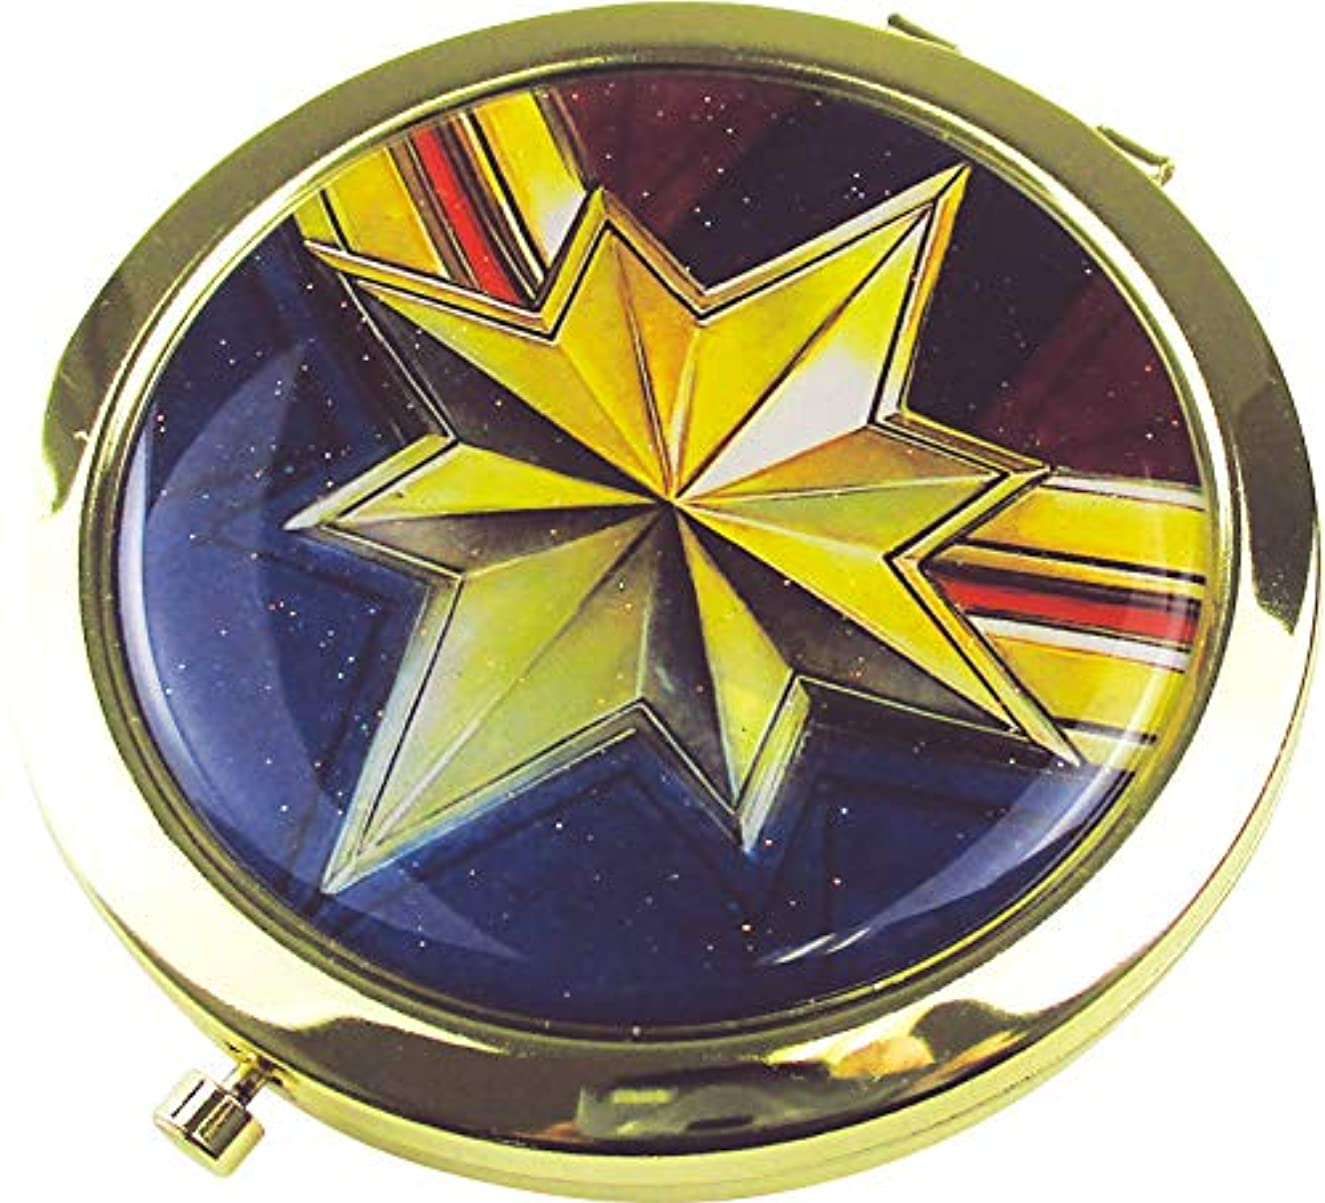 雑草サリー混沌ティーズファクトリー Wコンパクトミラー マーベル キャプテン?マーベル 6.6×6.6×0.8cm MV-5537086CM